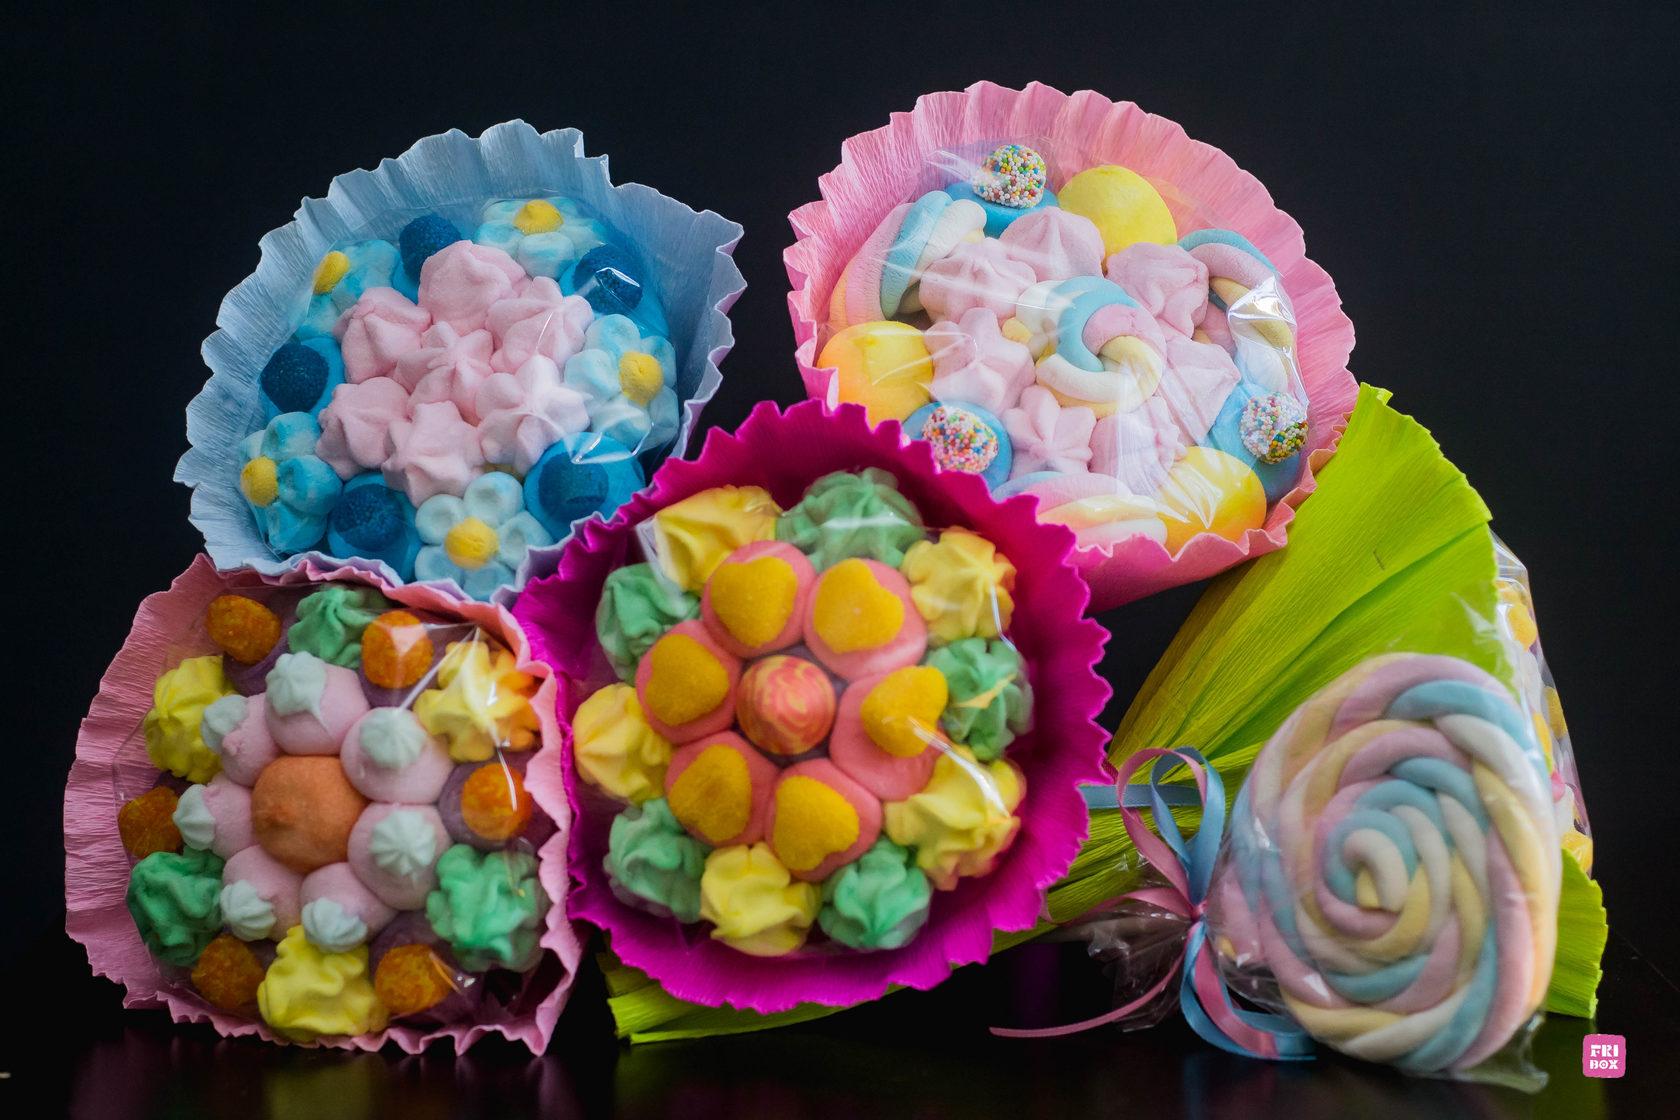 Букет из мармелада и печенья, для поздравлений днем